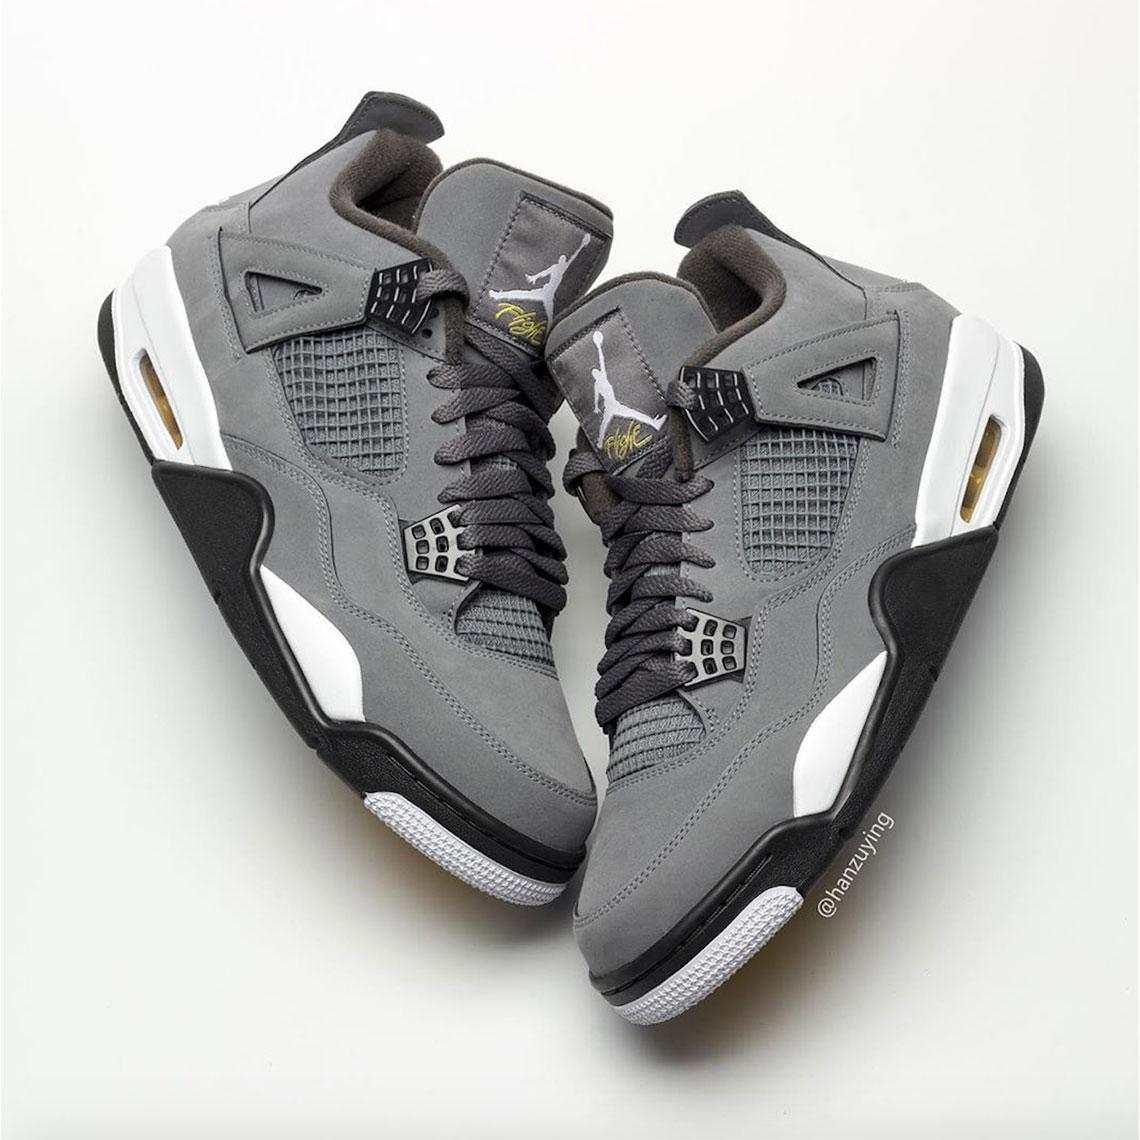 best service 78172 6b0f6 Air Jordan 4 Cool Grey 308497-007 2019 Release Date ...